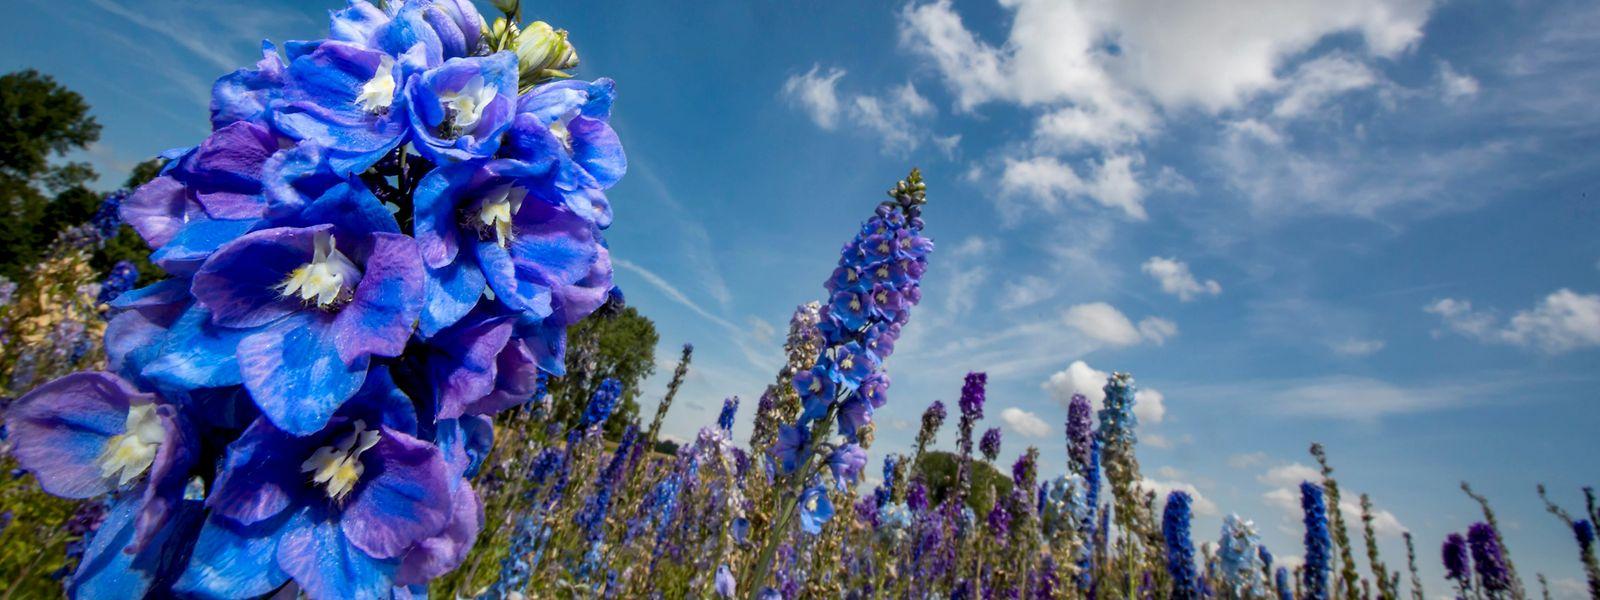 Der Rittersporn bildet kräftige, meterhohe Stiele, an denen blaue Blüten sitzen, die sich von unten nach oben öffnen.